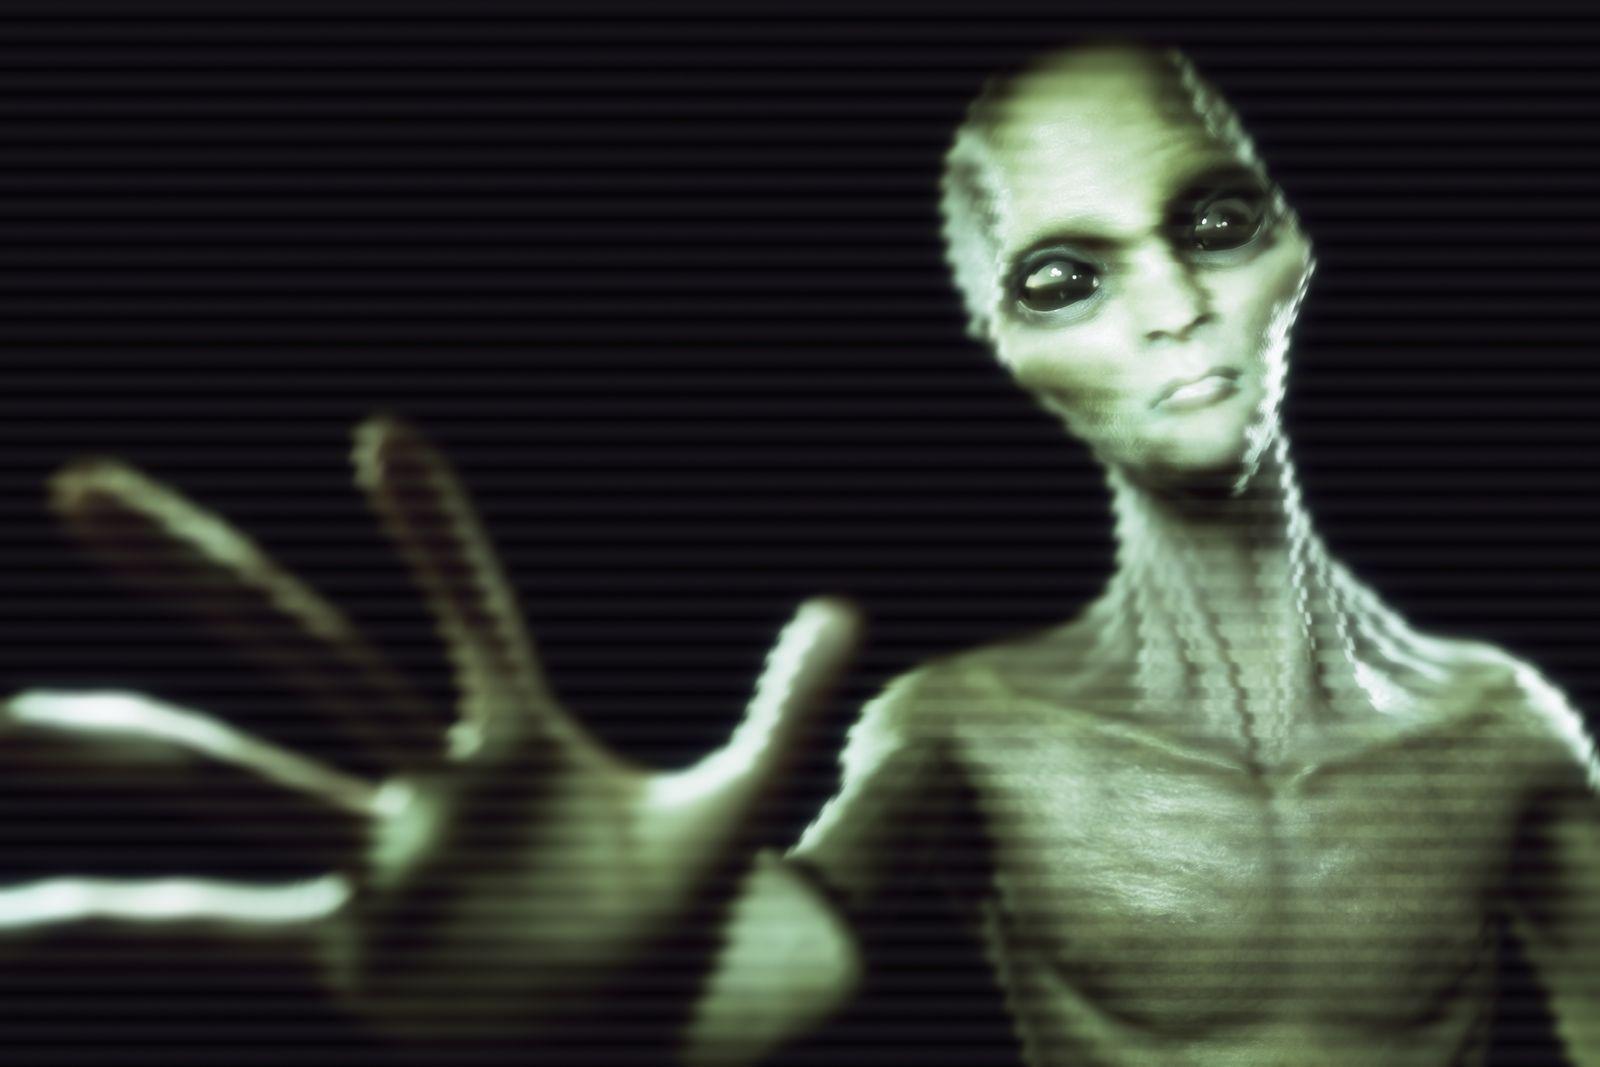 NICHT MEHR VERWENDEN! - Aliens / Außerirdischer